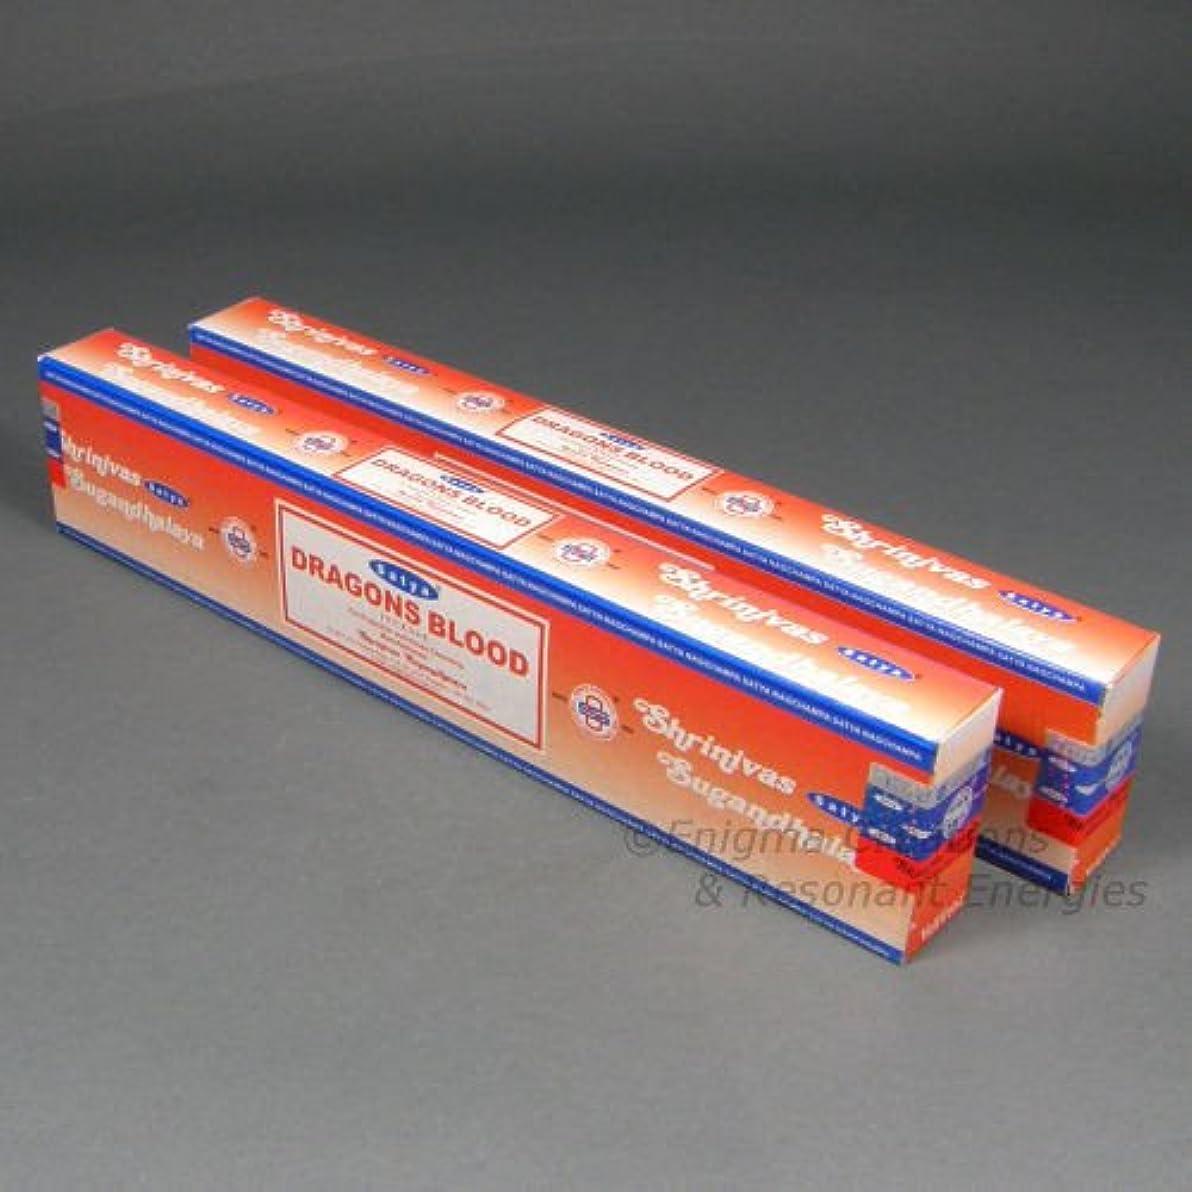 部族散文報酬のSatya Dragon 's Blood Incense Sticks, 2 x 15グラムボックス、合計30グラム – (in239 )